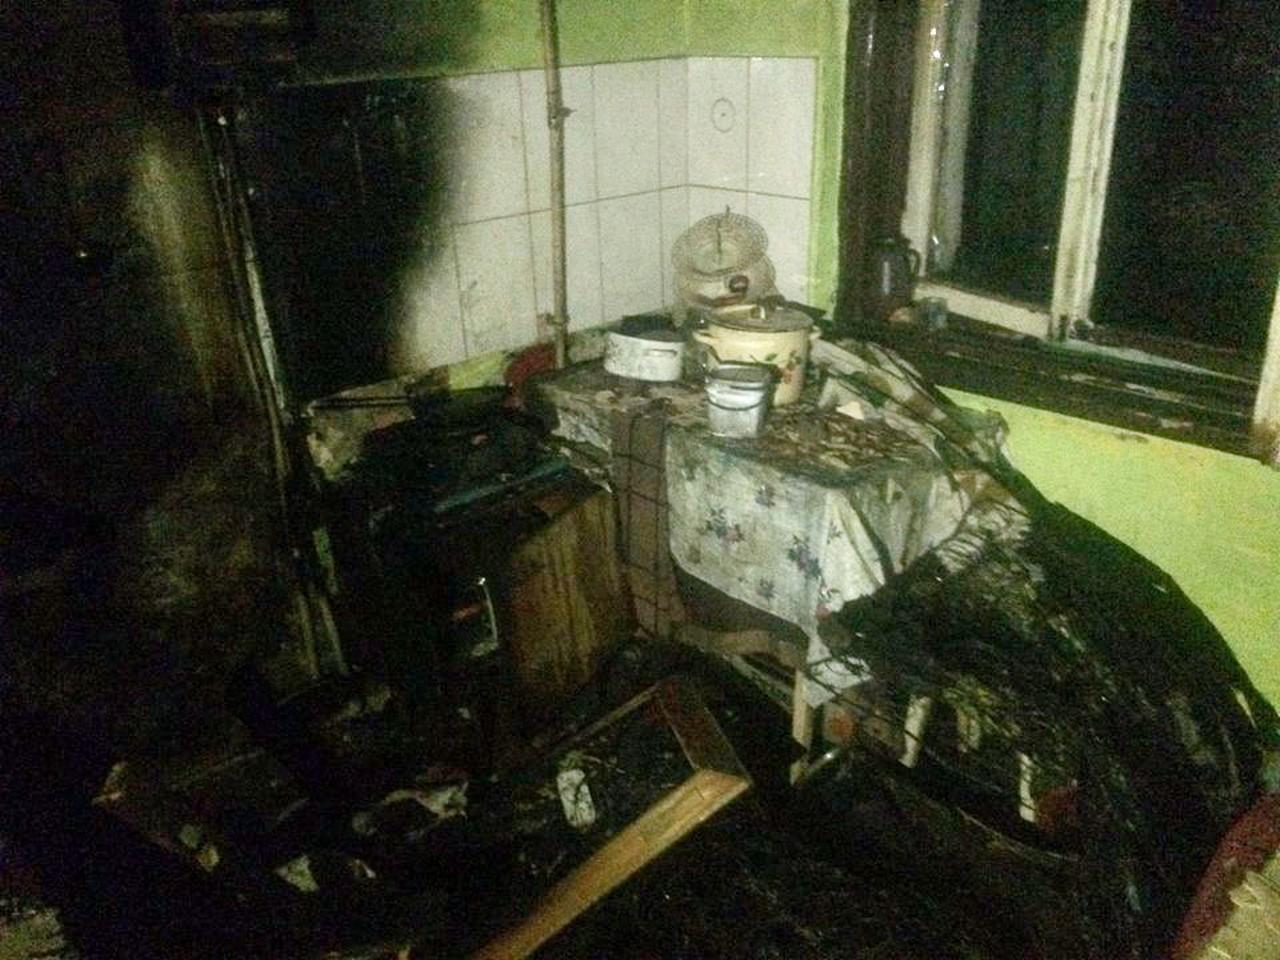 У Виноградові загорівся двоповерховий будинок. Отруїлися продуктами горіння 31-річний чоловік та 86-річна жінка